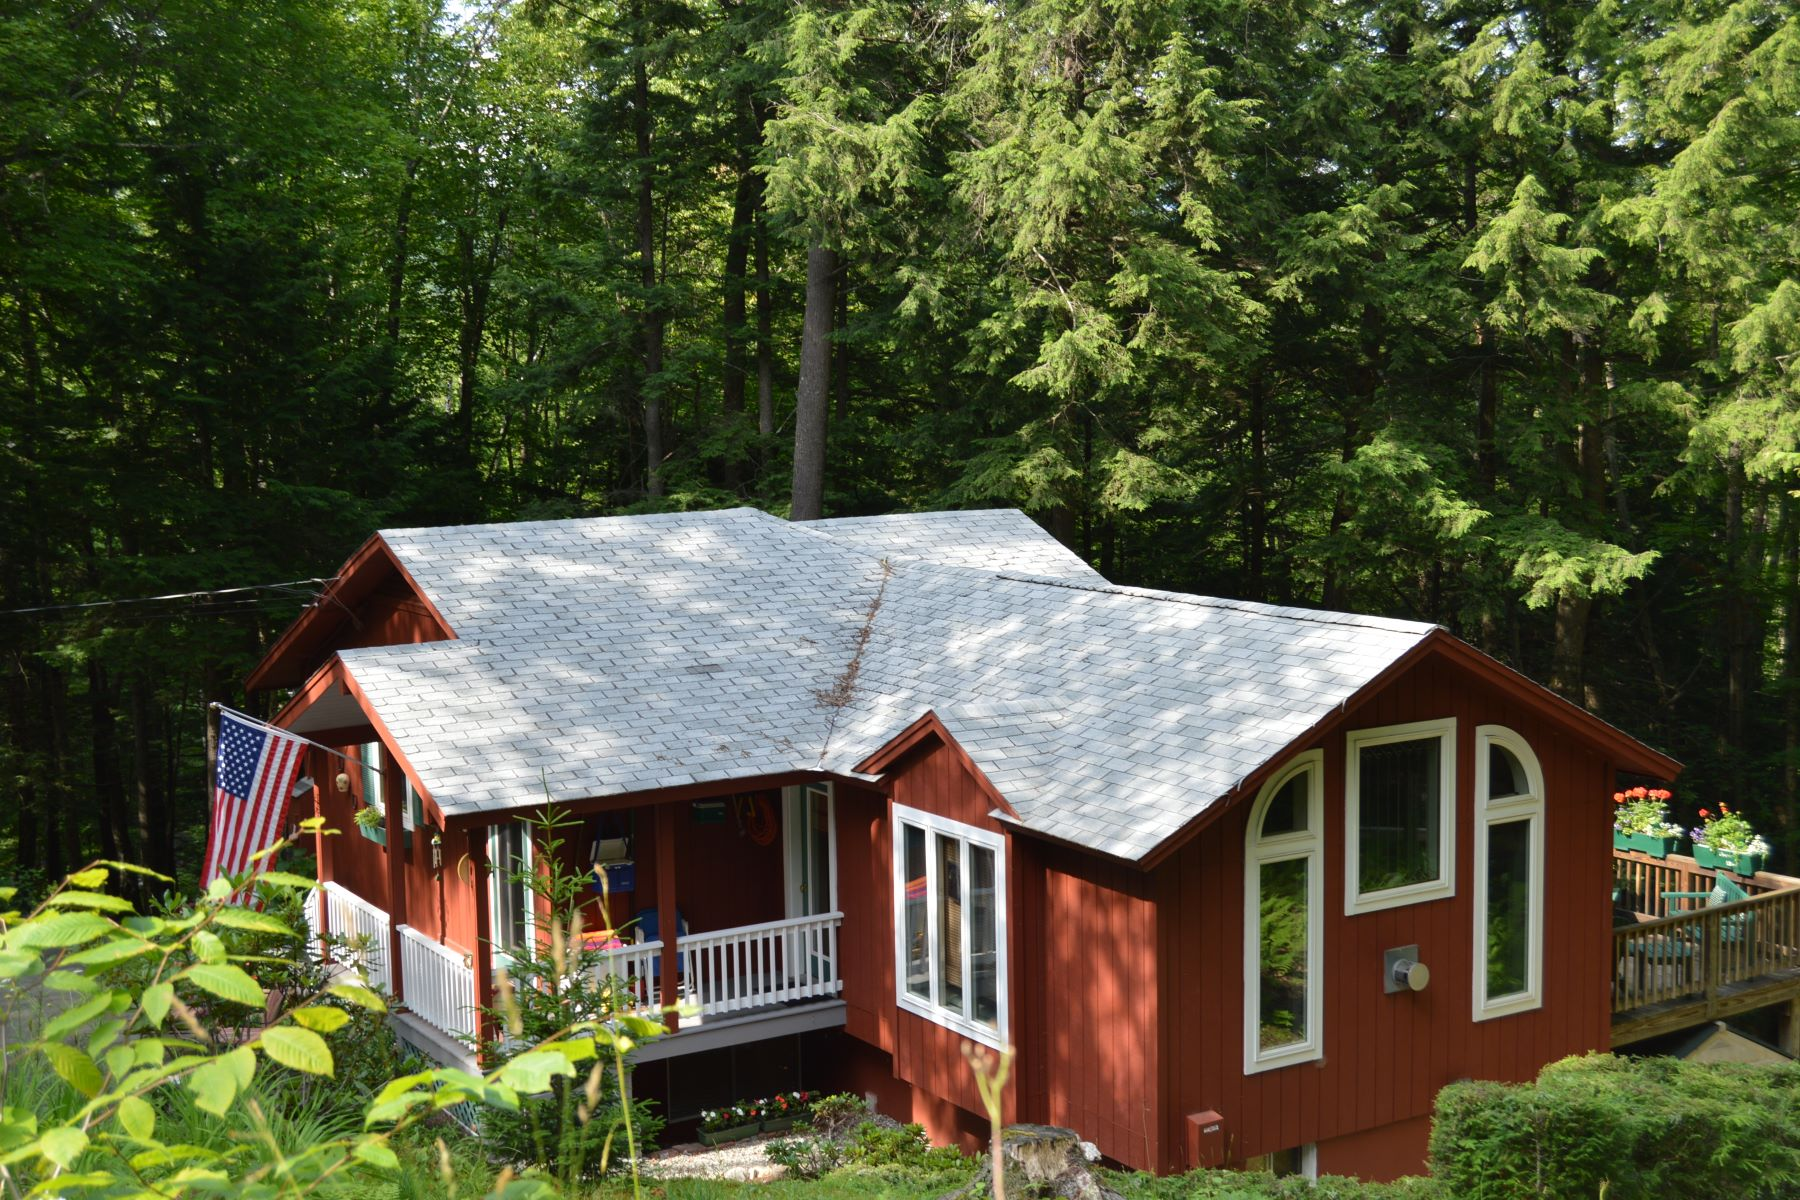 独户住宅 为 销售 在 75 Porcupine Ridge, New London 新伦敦, 新罕布什尔州, 03257 美国